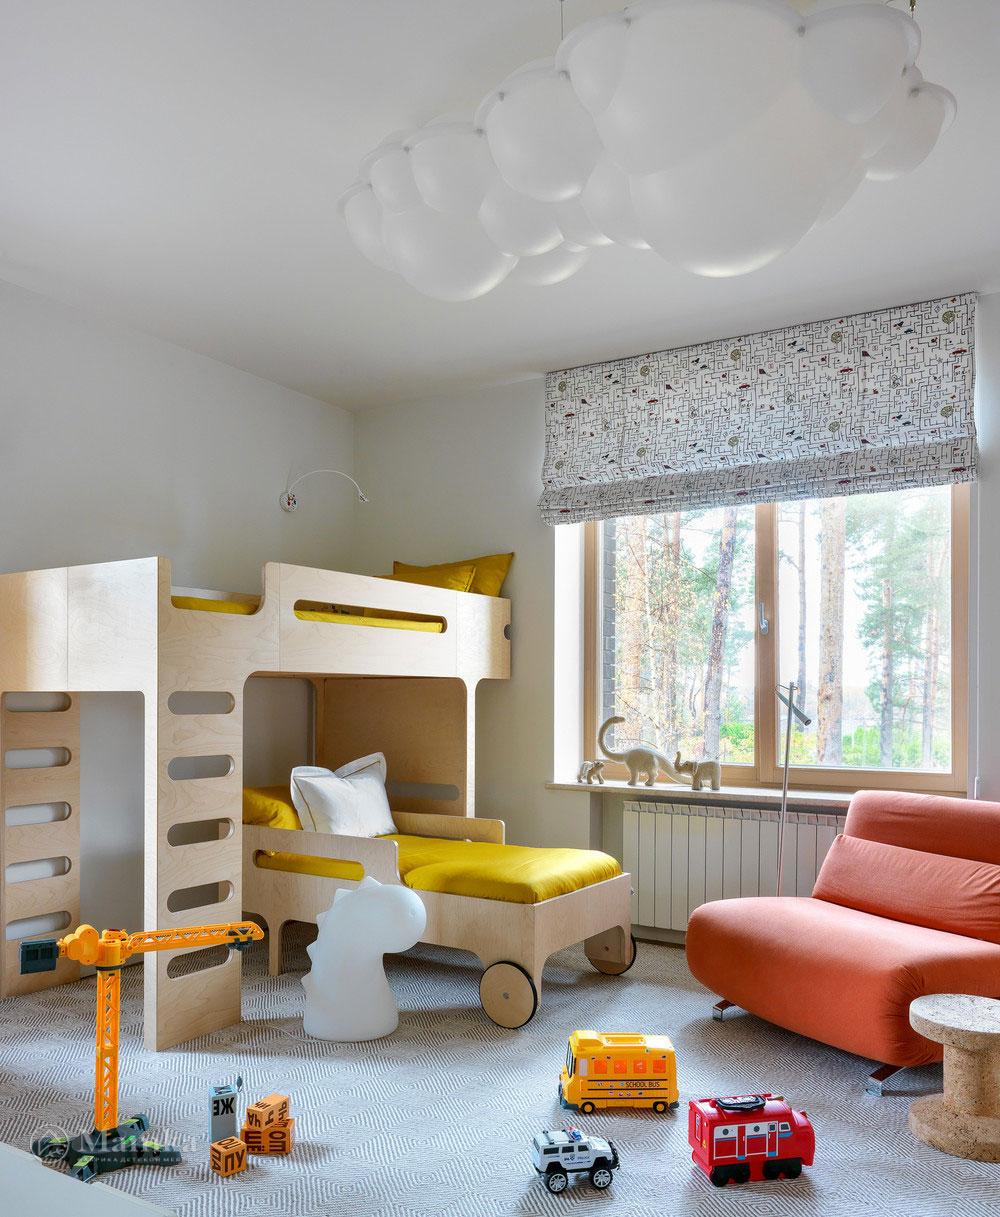 Детская комната для мальчика с комфортным красочным интерьером 2